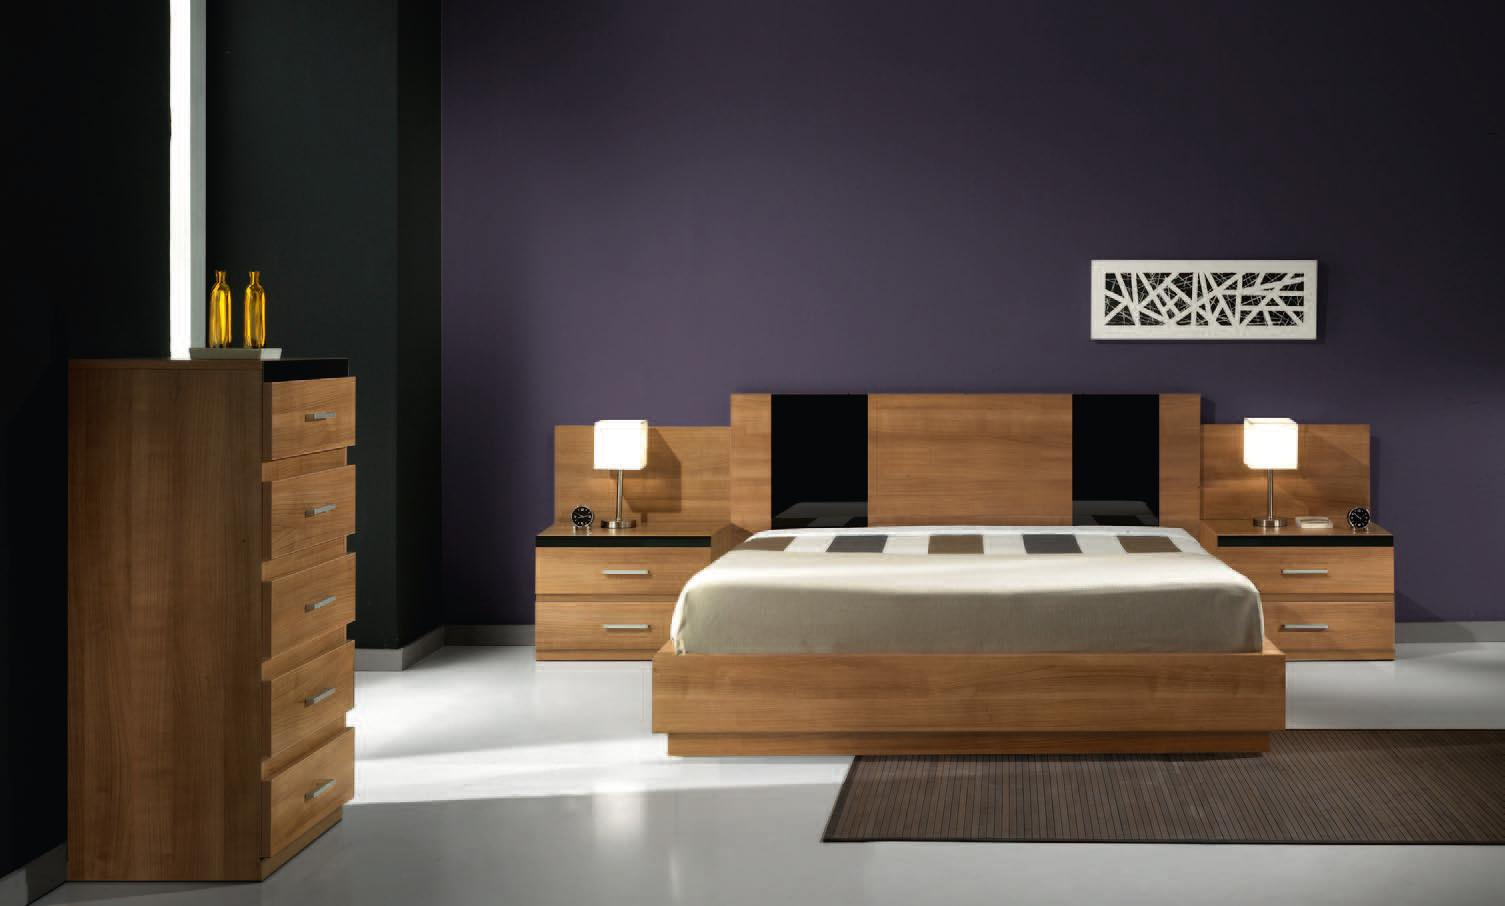 Juegos de dormitorios modernos precios imagui for Dormitorios precios